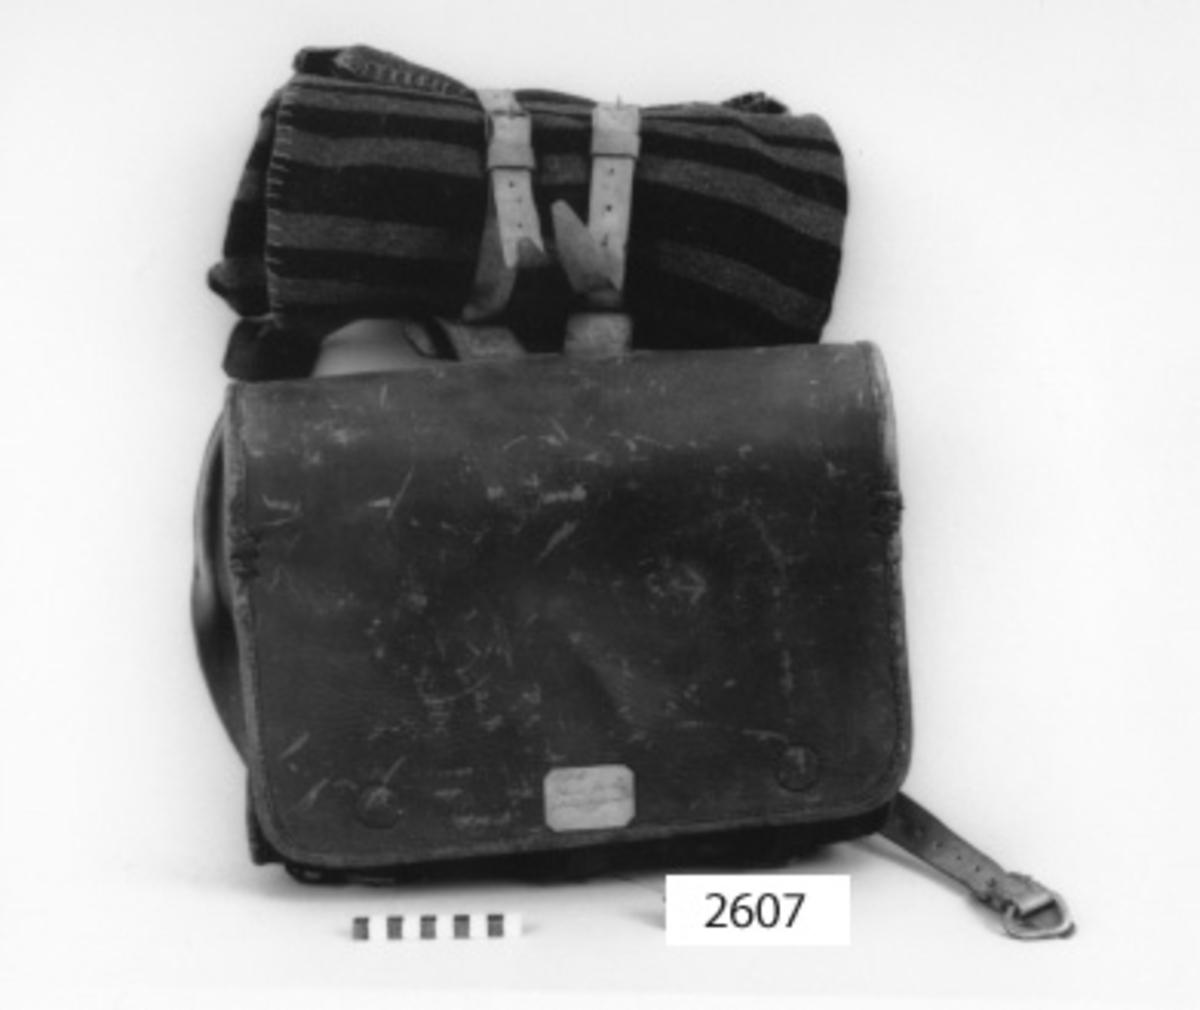 Ränsel för kungliga marinregementet med 7 st remmar av läder och söljor av järn.